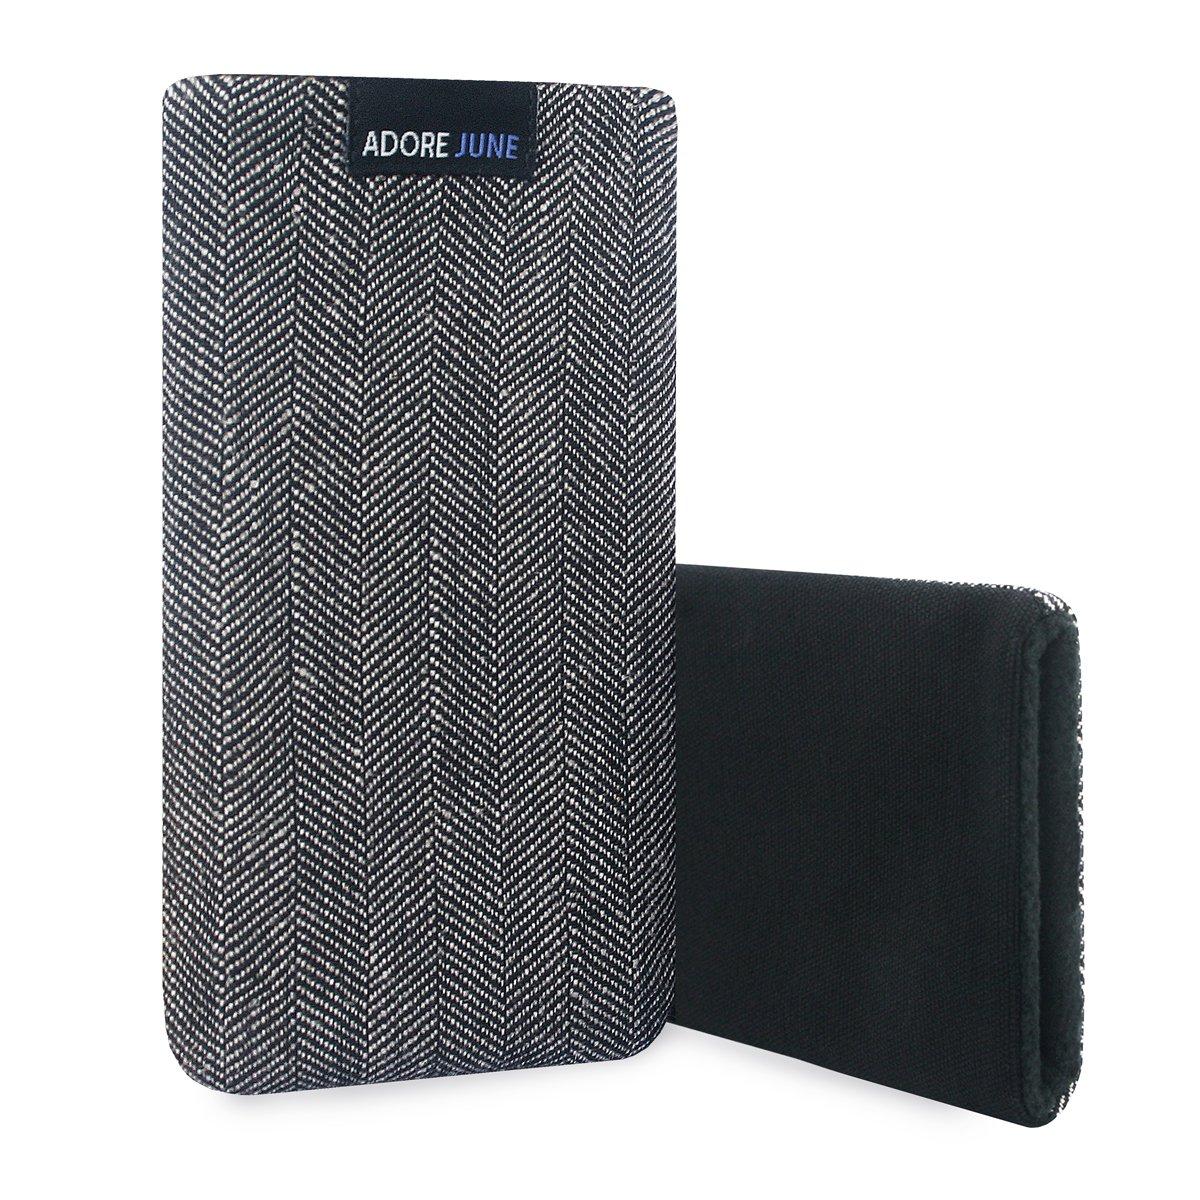 Materiale Caratteristico con Display di Pulizia Effetto Adore June Business Custodia per Samsung Galaxy A50 Grigio//Nero